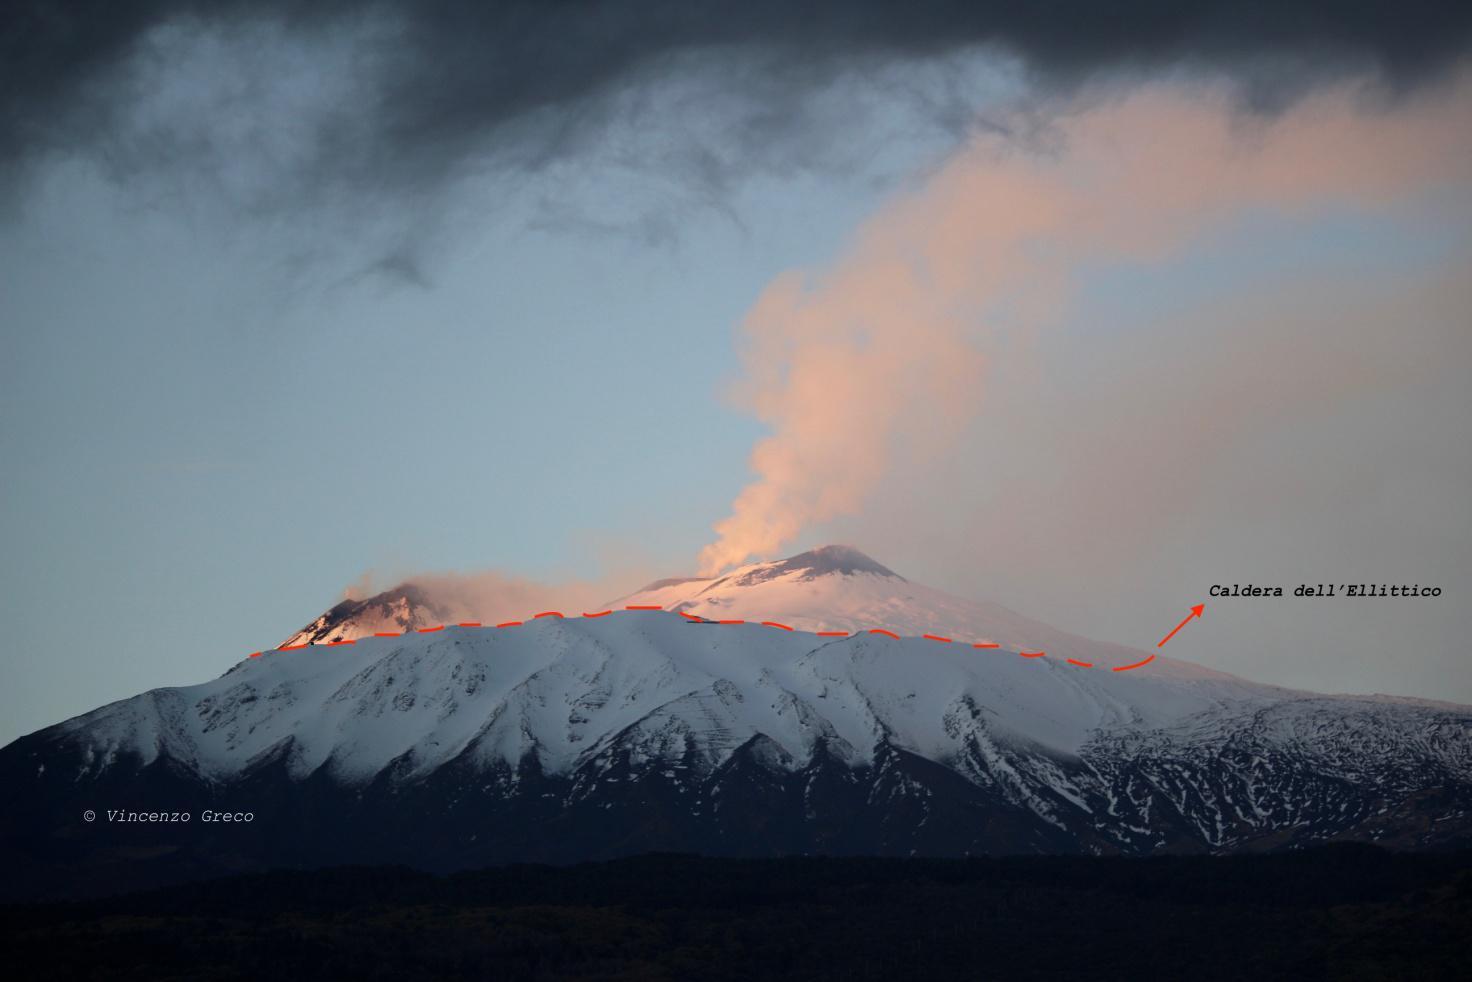 Guide Vulcanologiche Etna - Storia geologica dell'Etna - Caldera dell'Ellittico